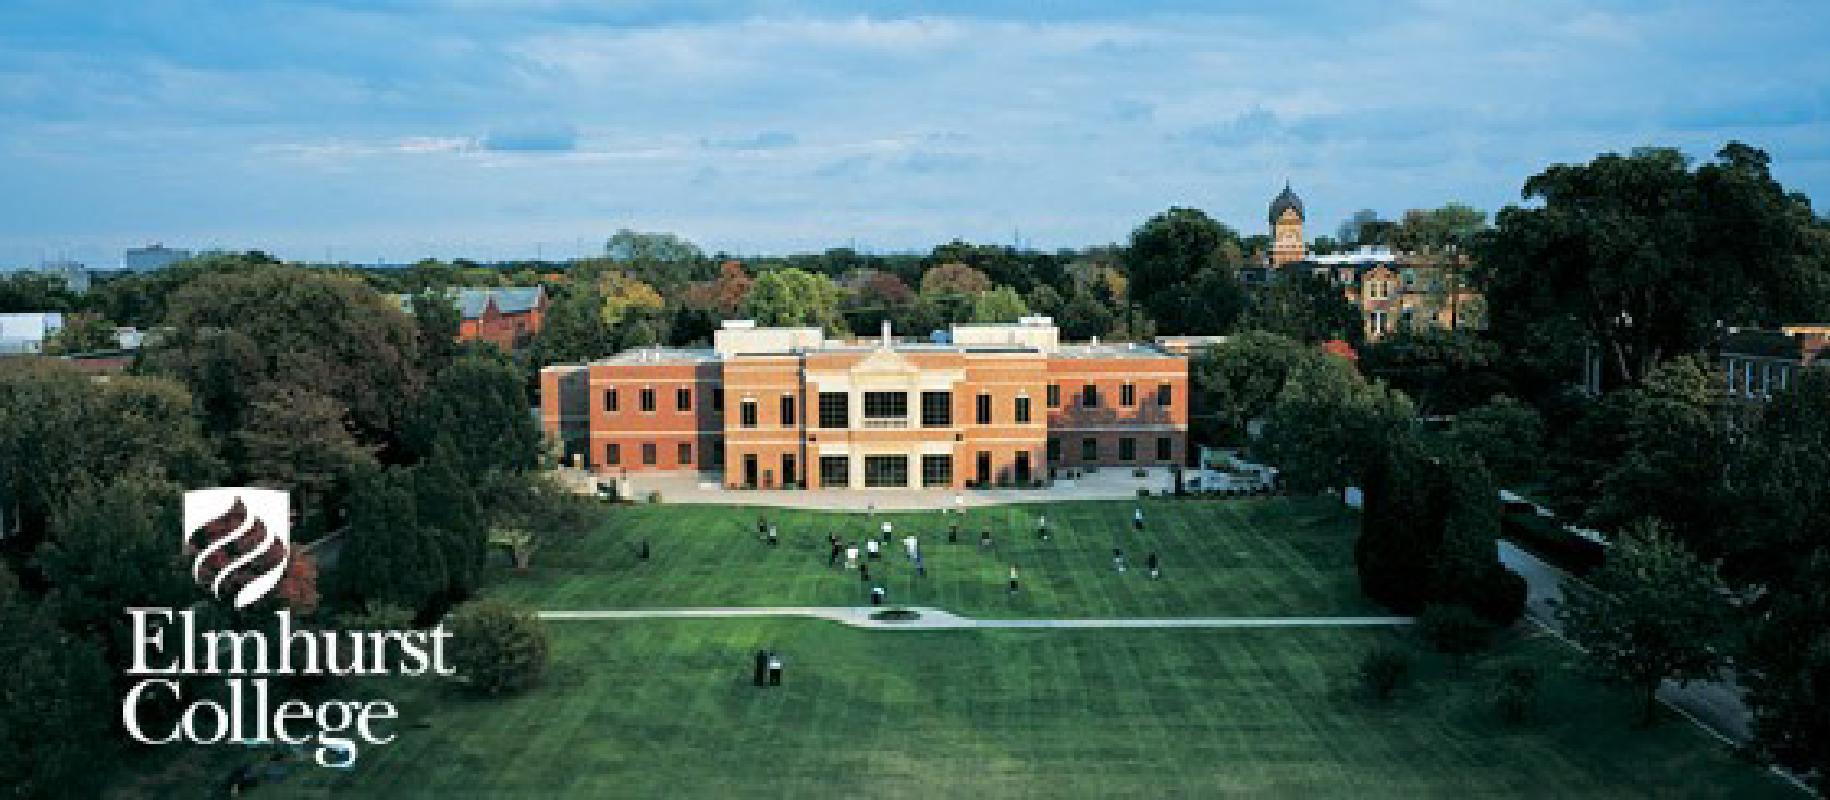 elmhurst-college-01